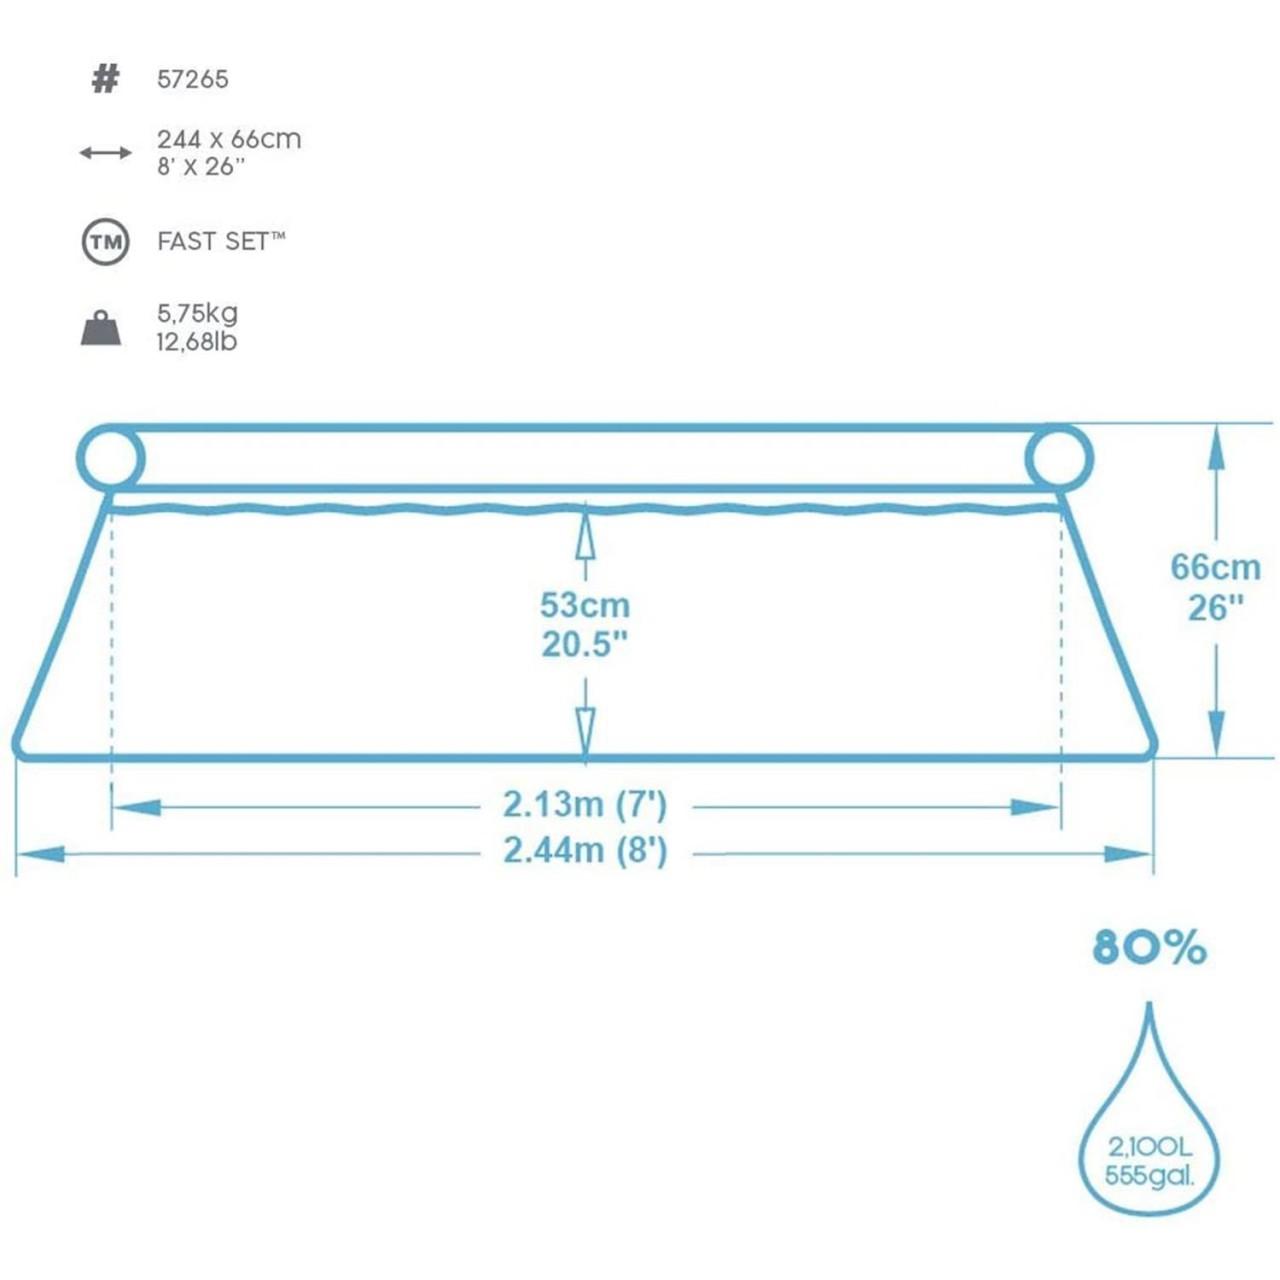 Bestway 57265 Fast Set™ Pool Schwimmbad Swimmingpool 244 x 66 cm, rund